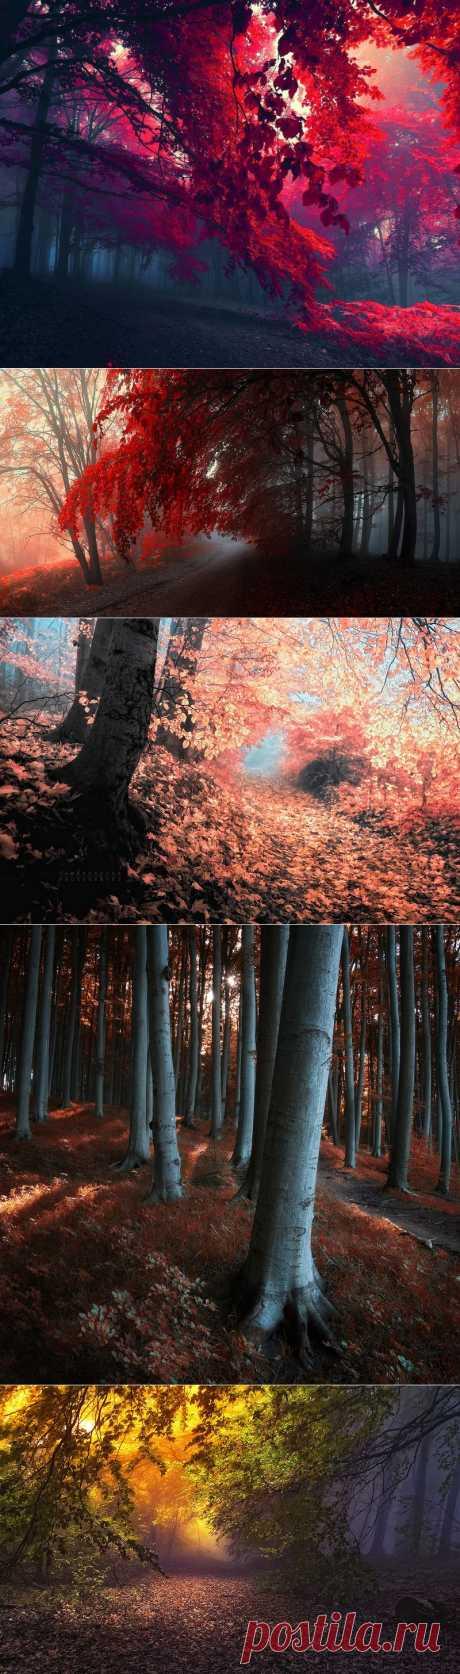 ... в лесу Я становлюсь другим....